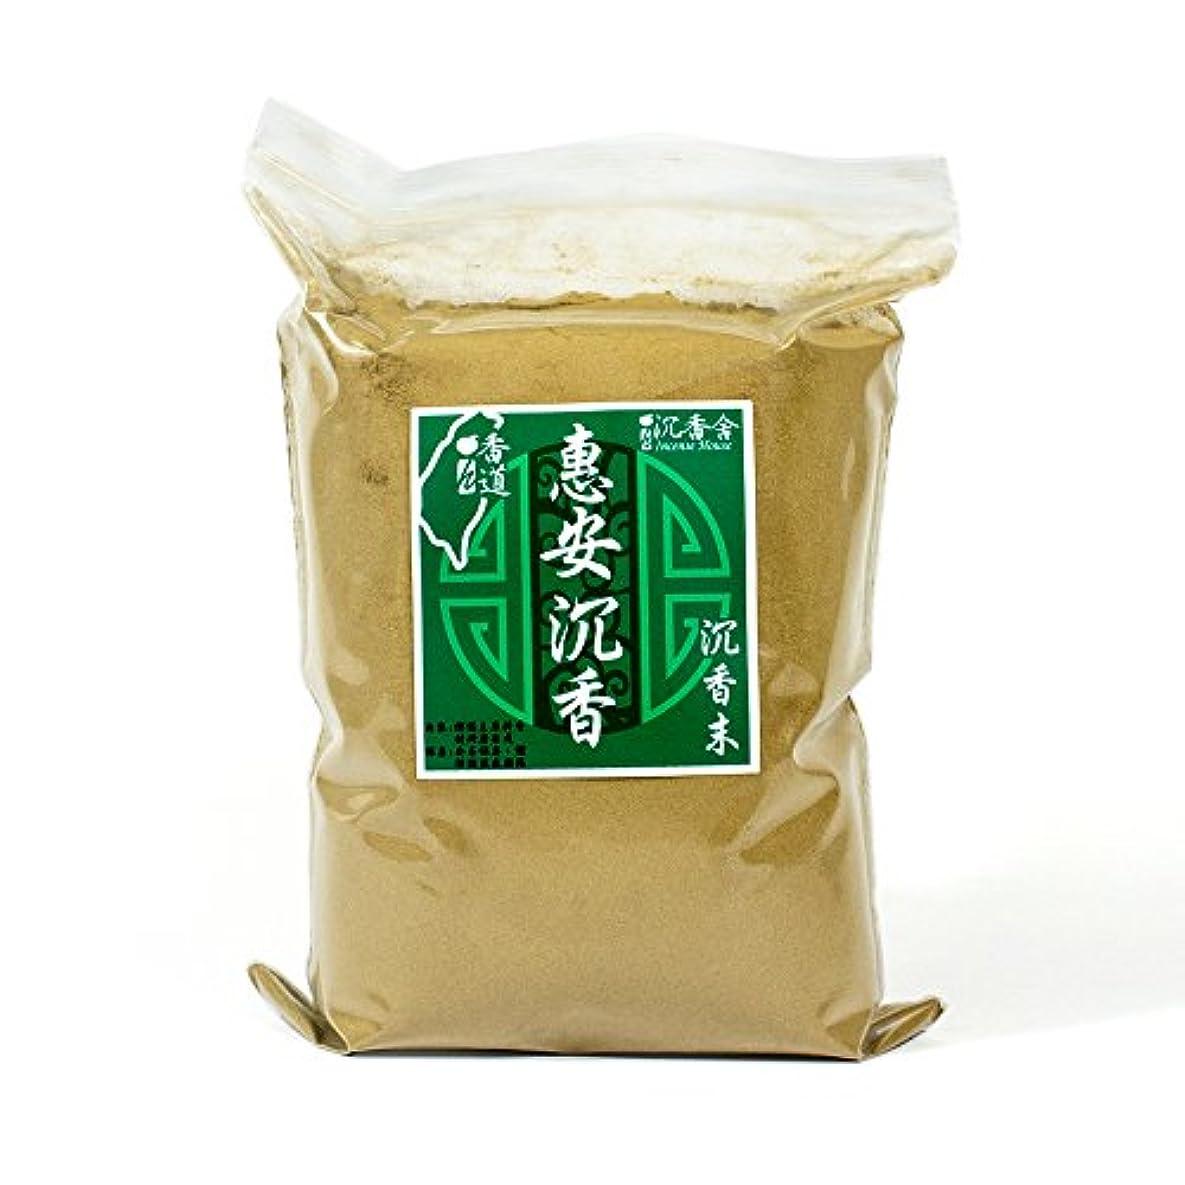 非効率的な経済微視的台湾沉香舍 お香 惠安沈香 ベトナム 粉末 300g